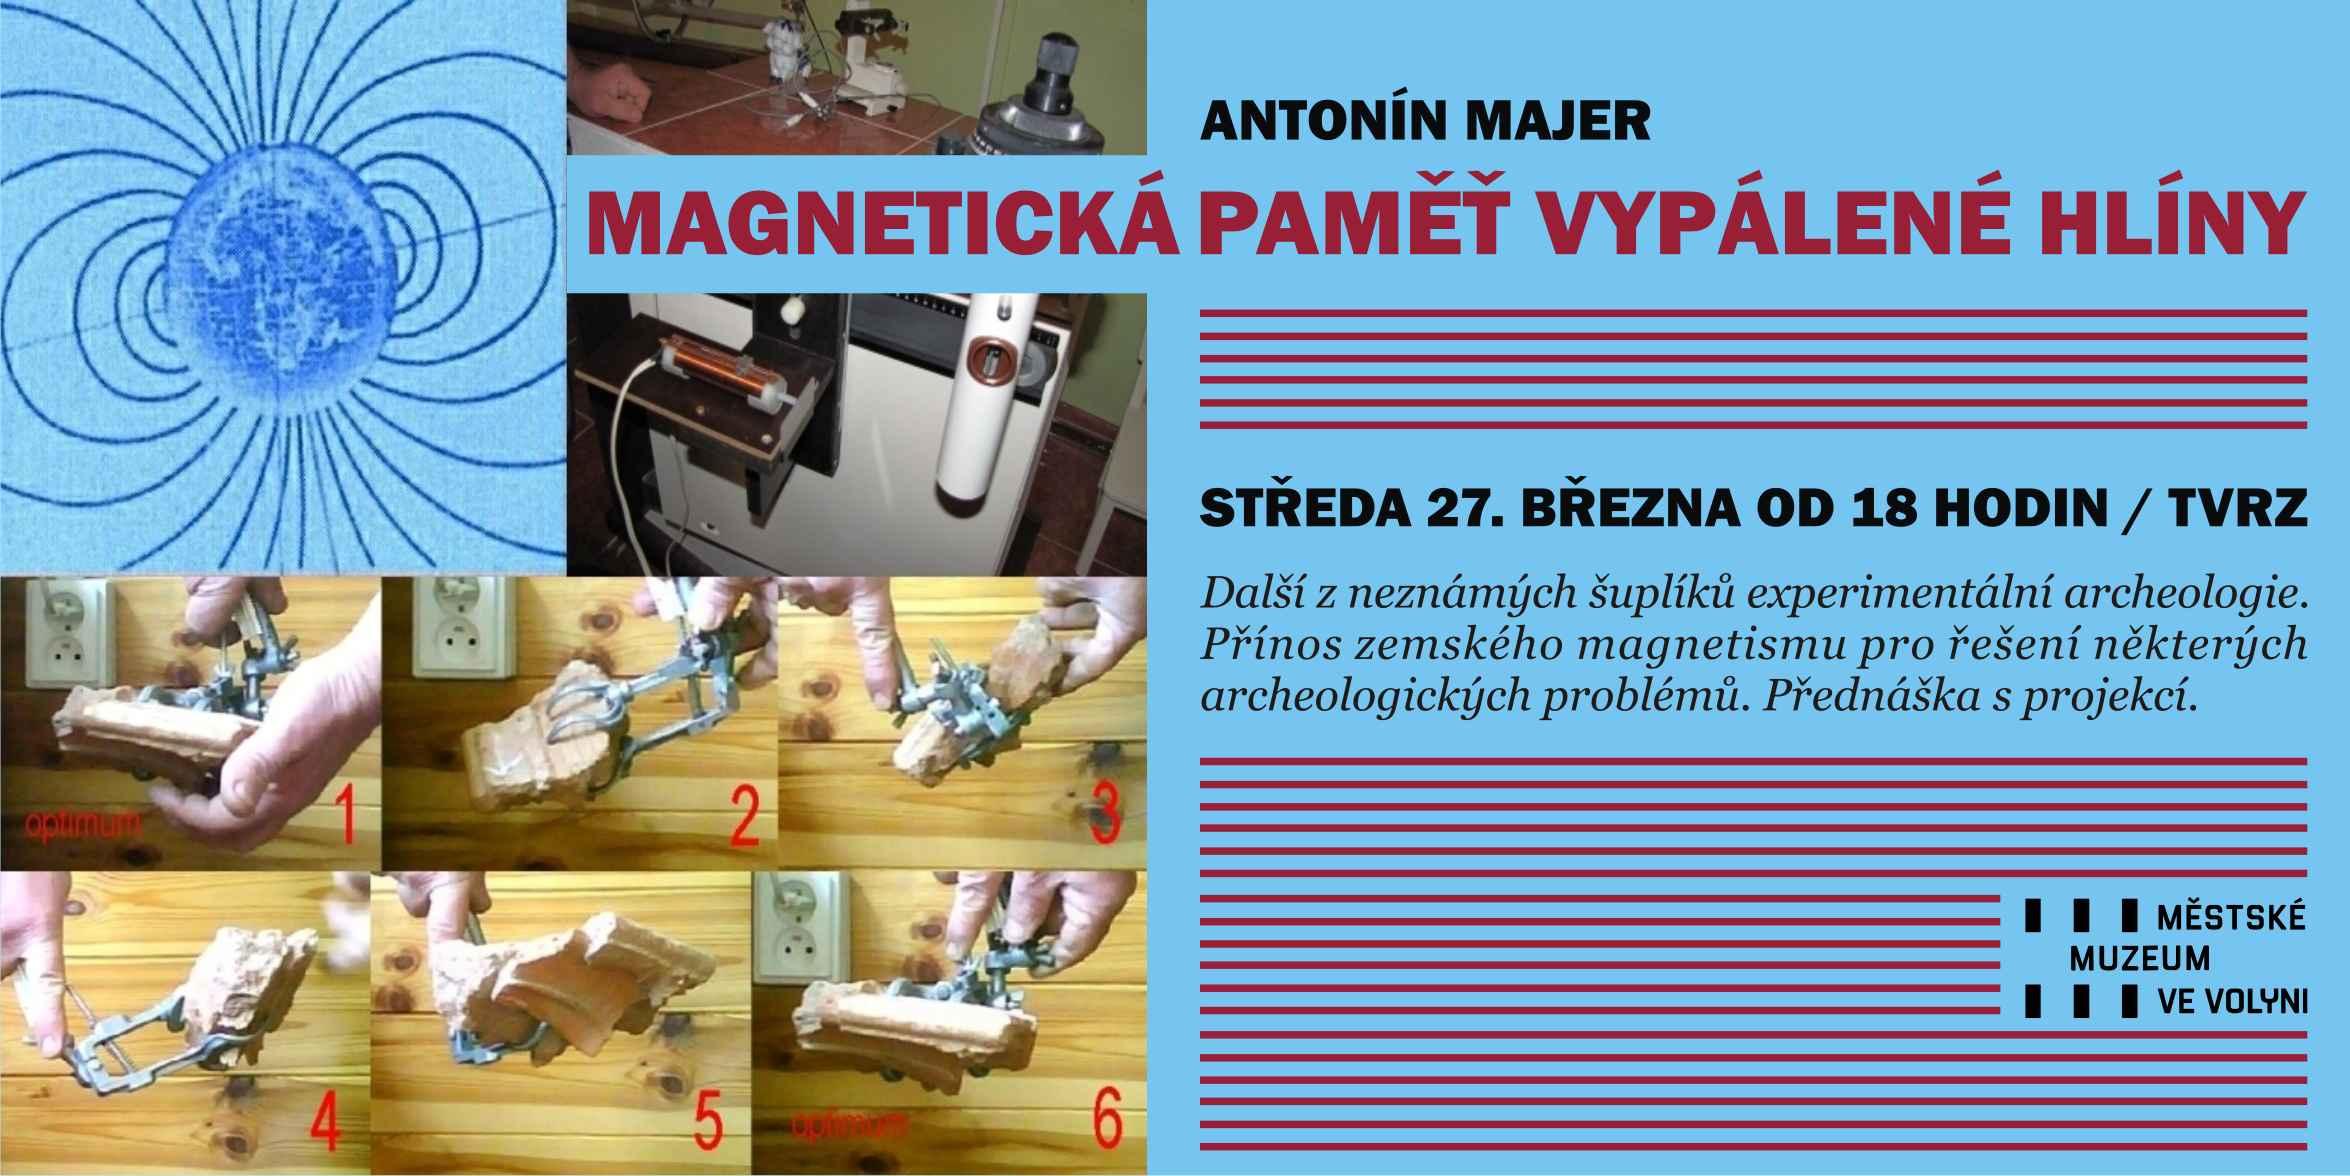 ANTONÍN MAJER - MAGNETICKÁ PAMĚŤ VYPÁLENÉ HLÍNY